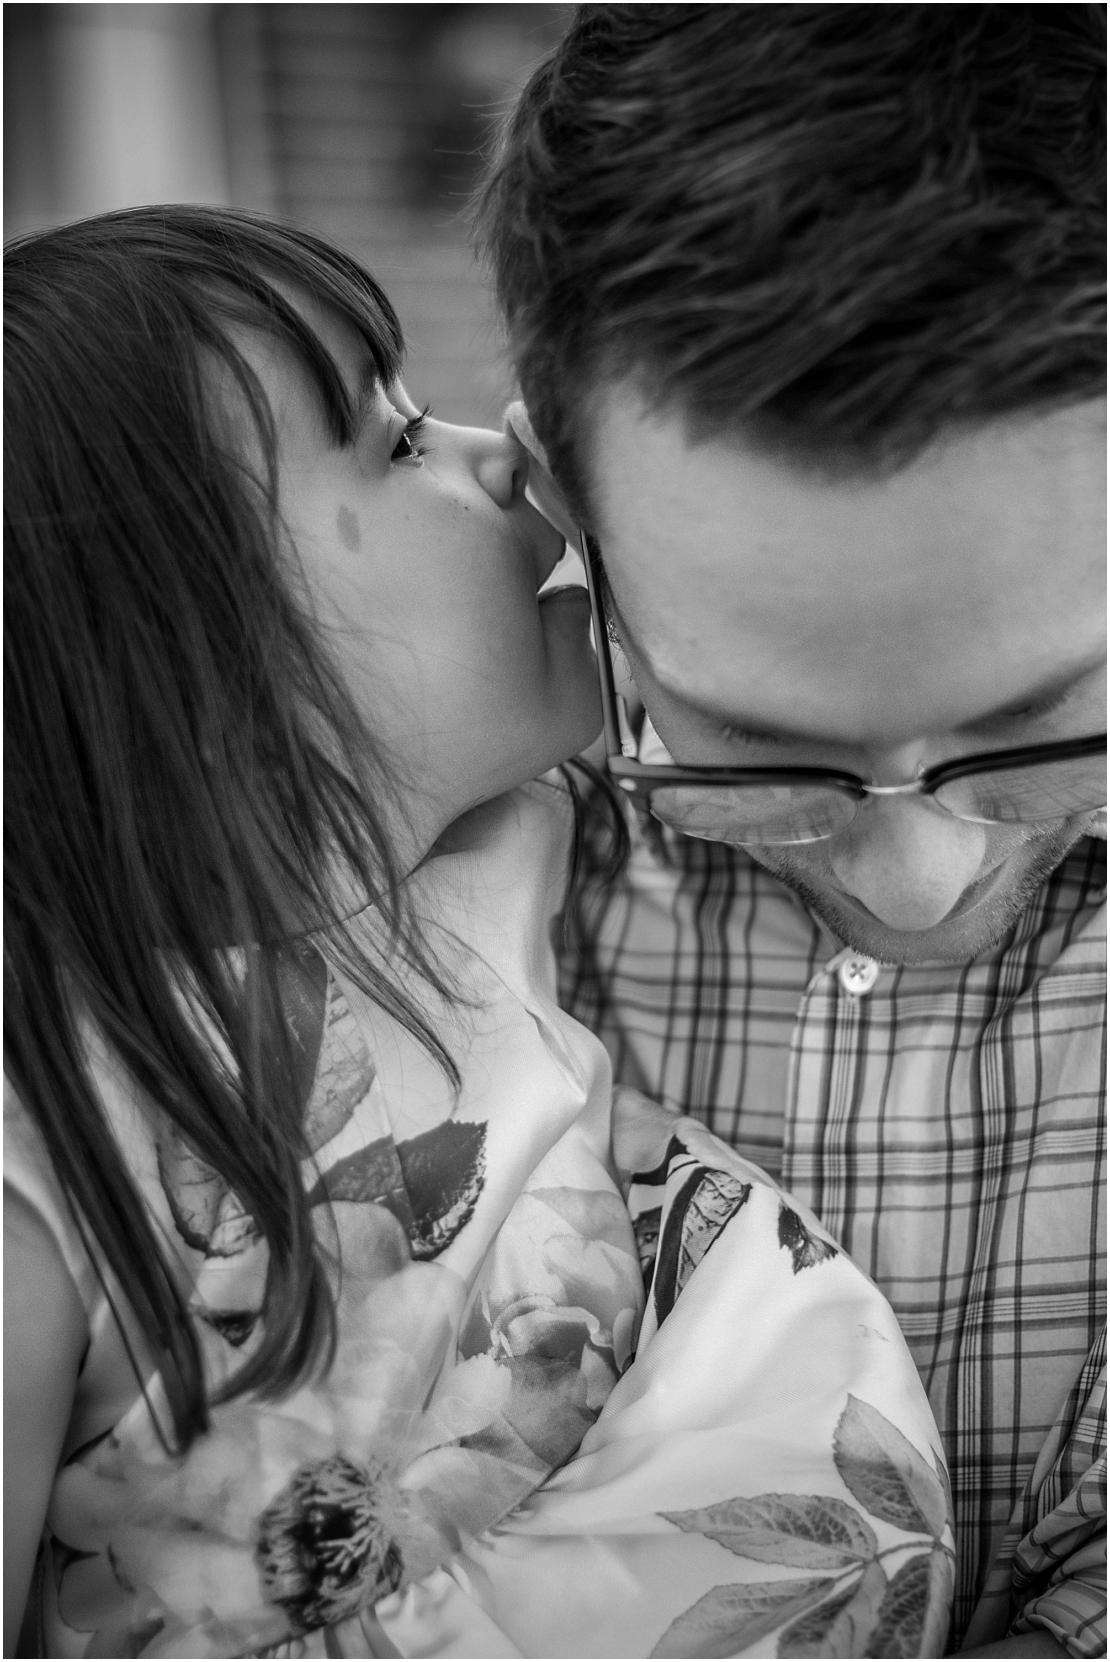 Misfit & Co. Creative Studios_Dayton Portrait Photographer_Nate+Paige_ Family Portraits_0010.jpg